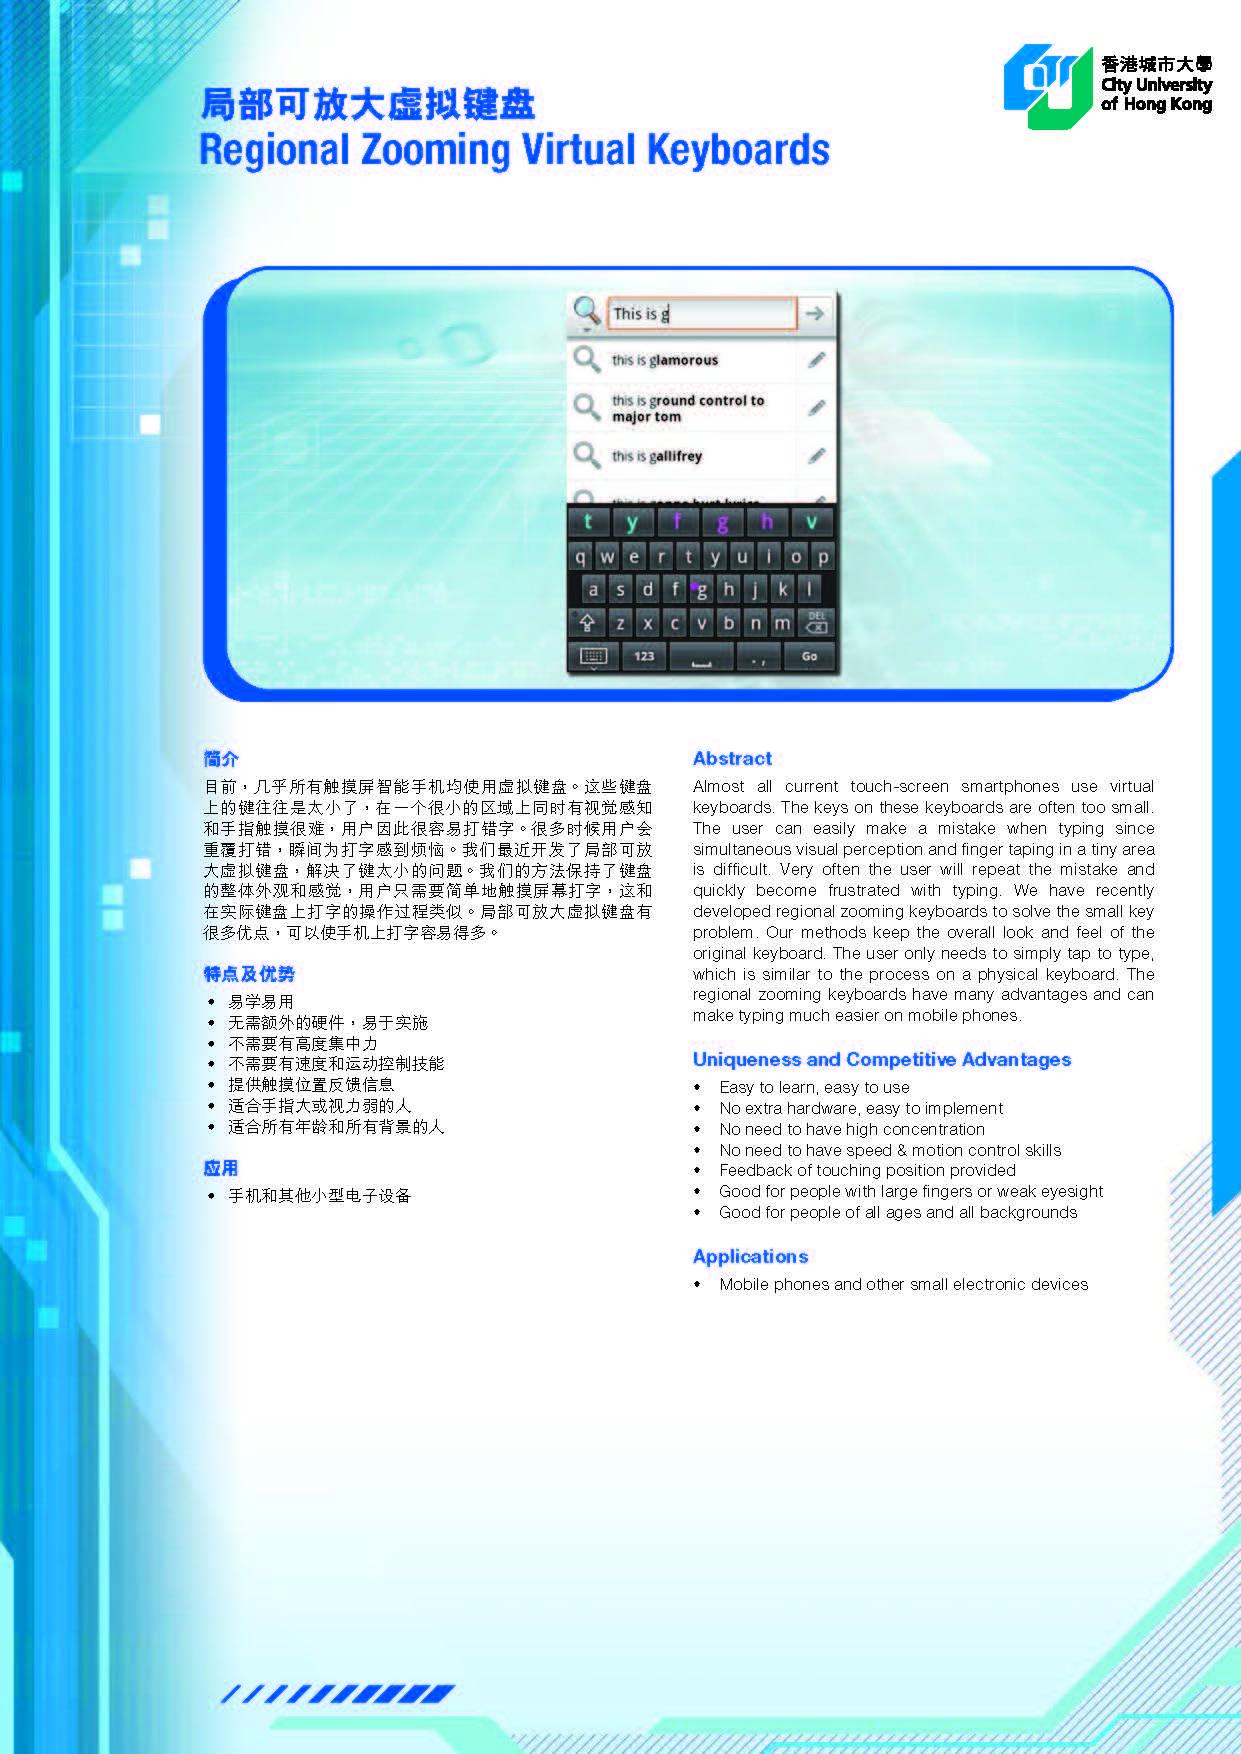 局部可放大虛擬鍵盤.jpg